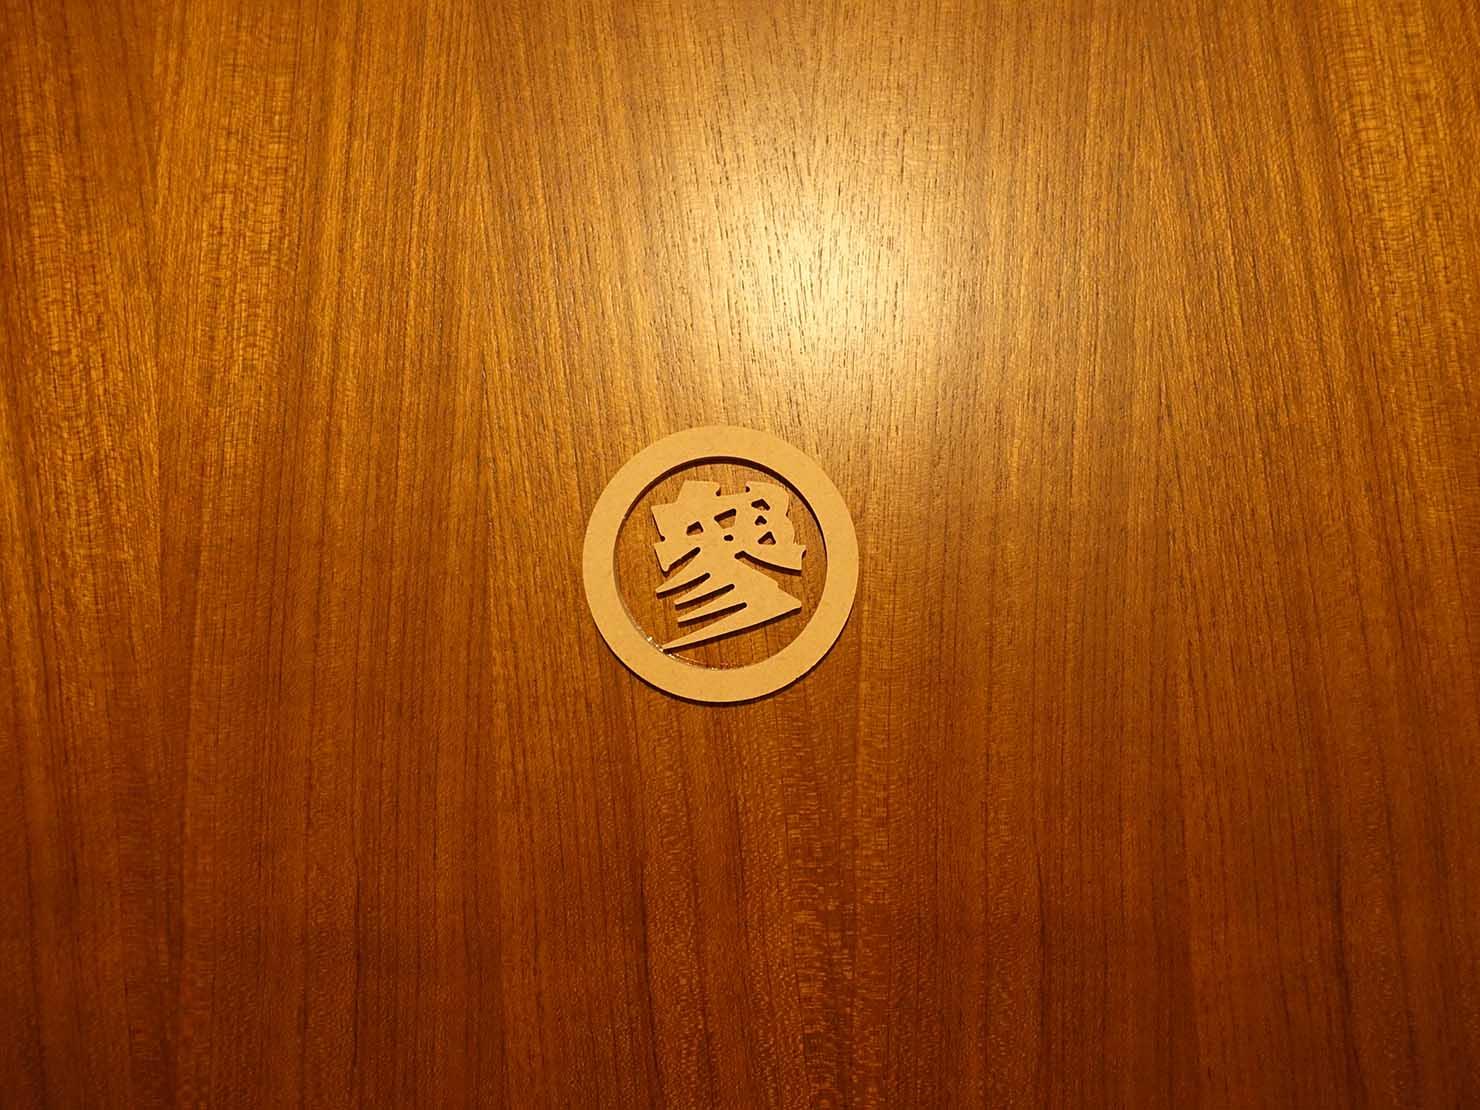 台南観光におすすめな古民家ゲストハウス「散步strolling」參號房(ダブルルーム)のドア